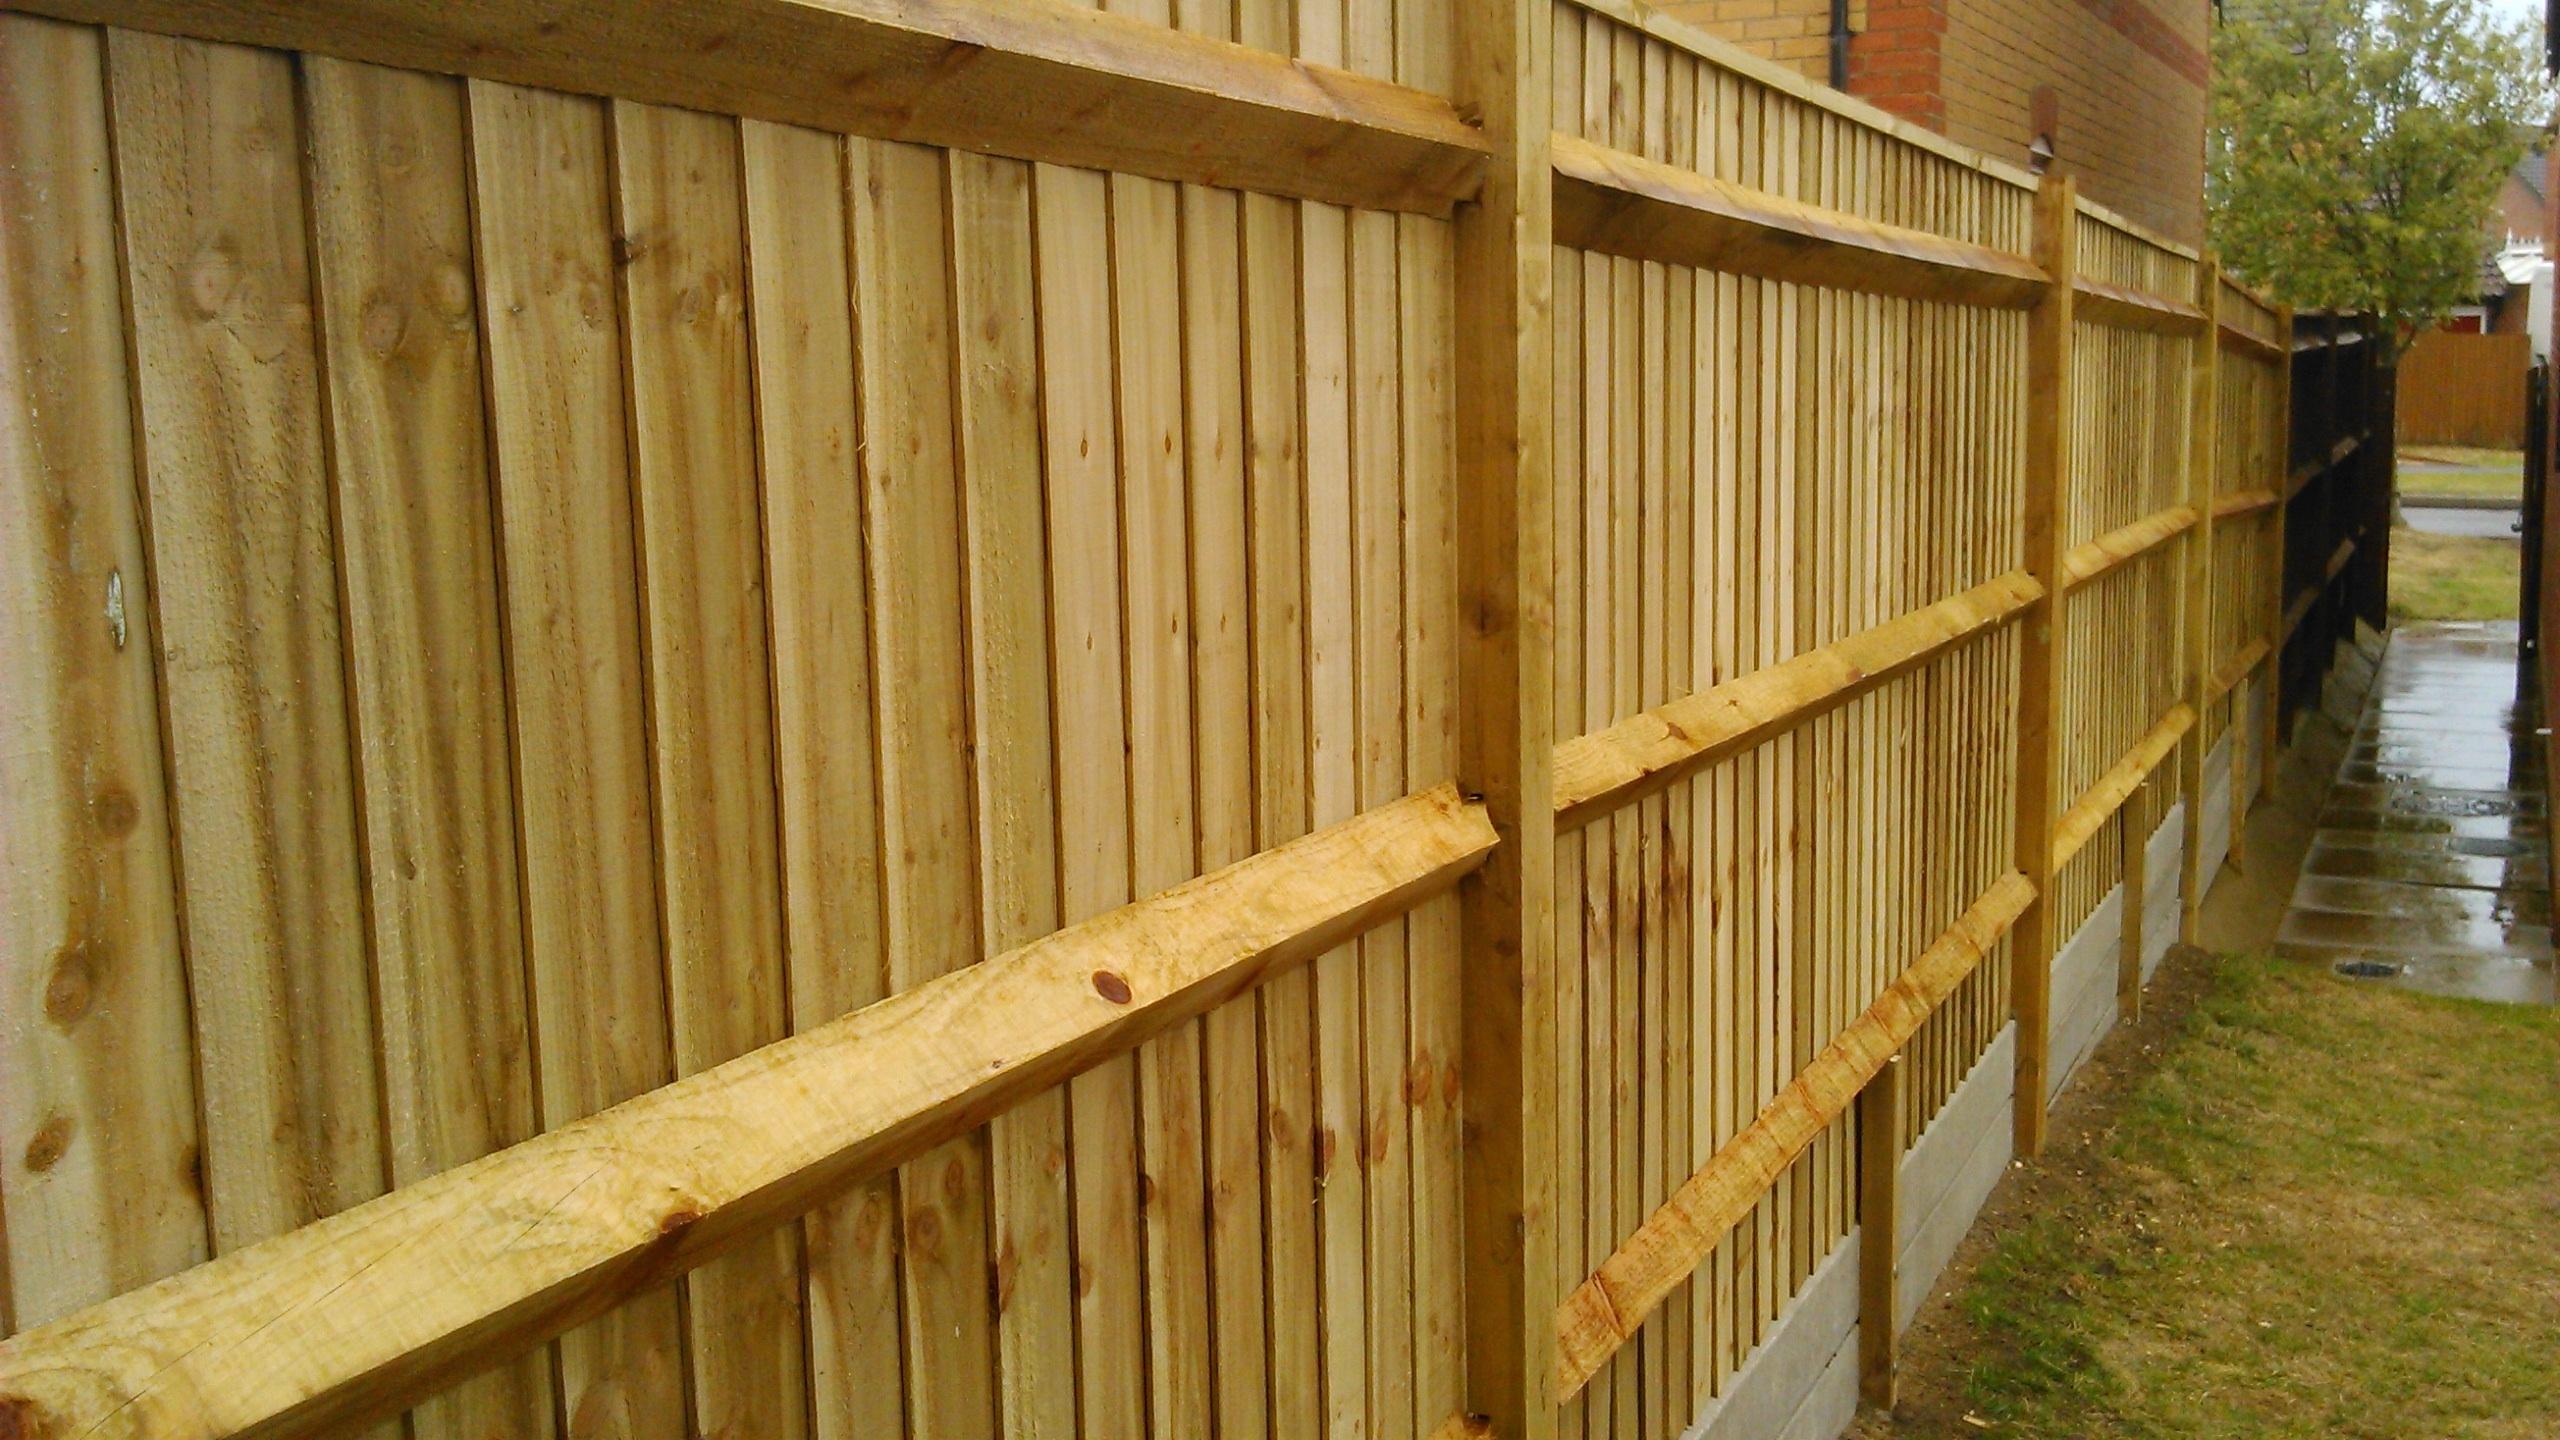 Closeboard fencing - Canford Heath